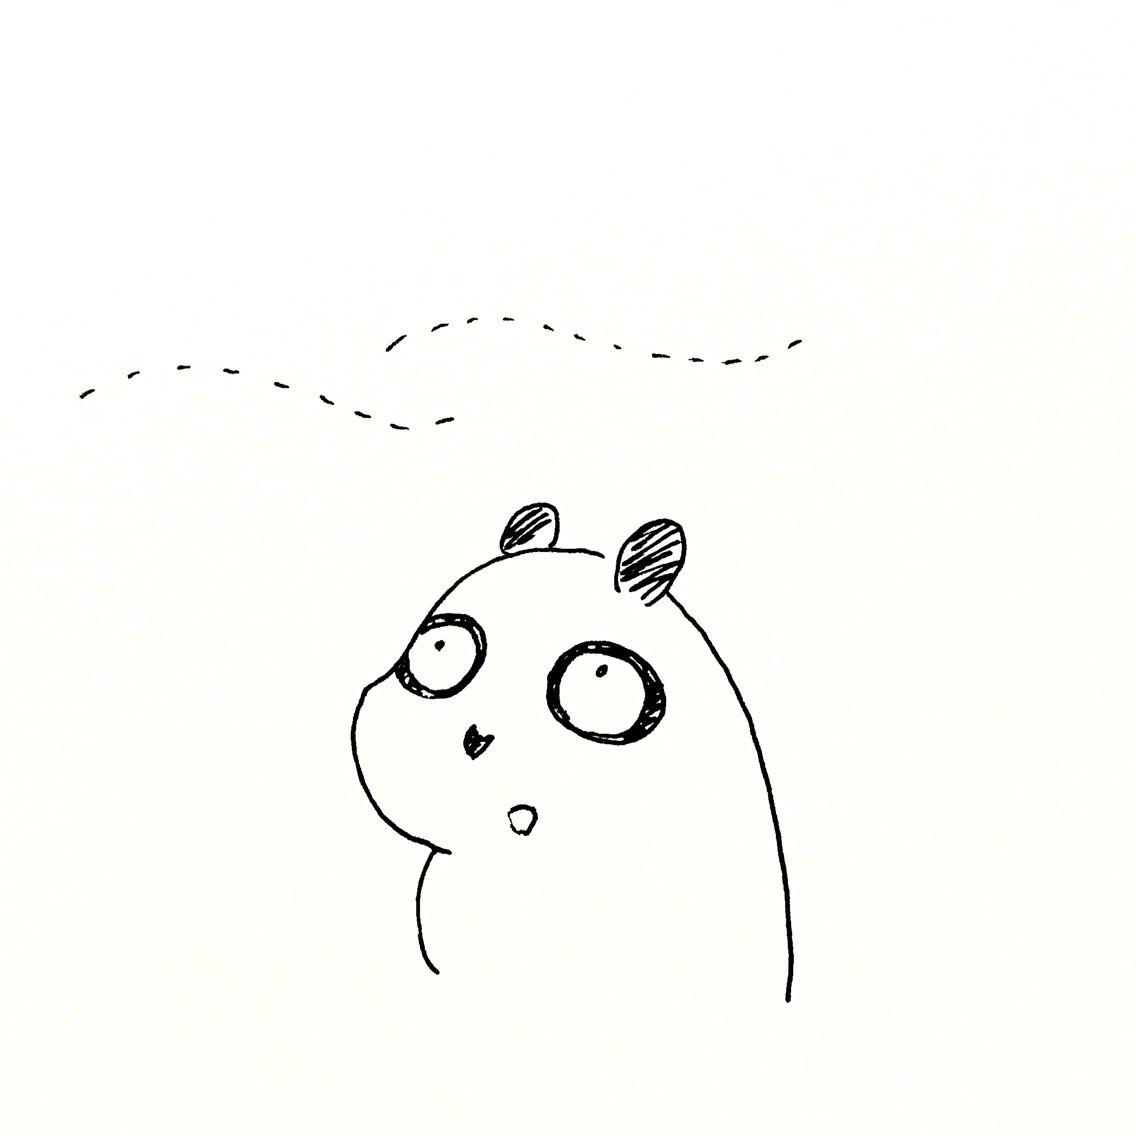 【一日一大熊猫】2016.8.7 立秋。 秋という文字が入ってるのに真夏日なんだけど、 フッと「夏の終わり?」と感じる瞬間がある時期だよね。 #パンダ #立秋 #二十四節気